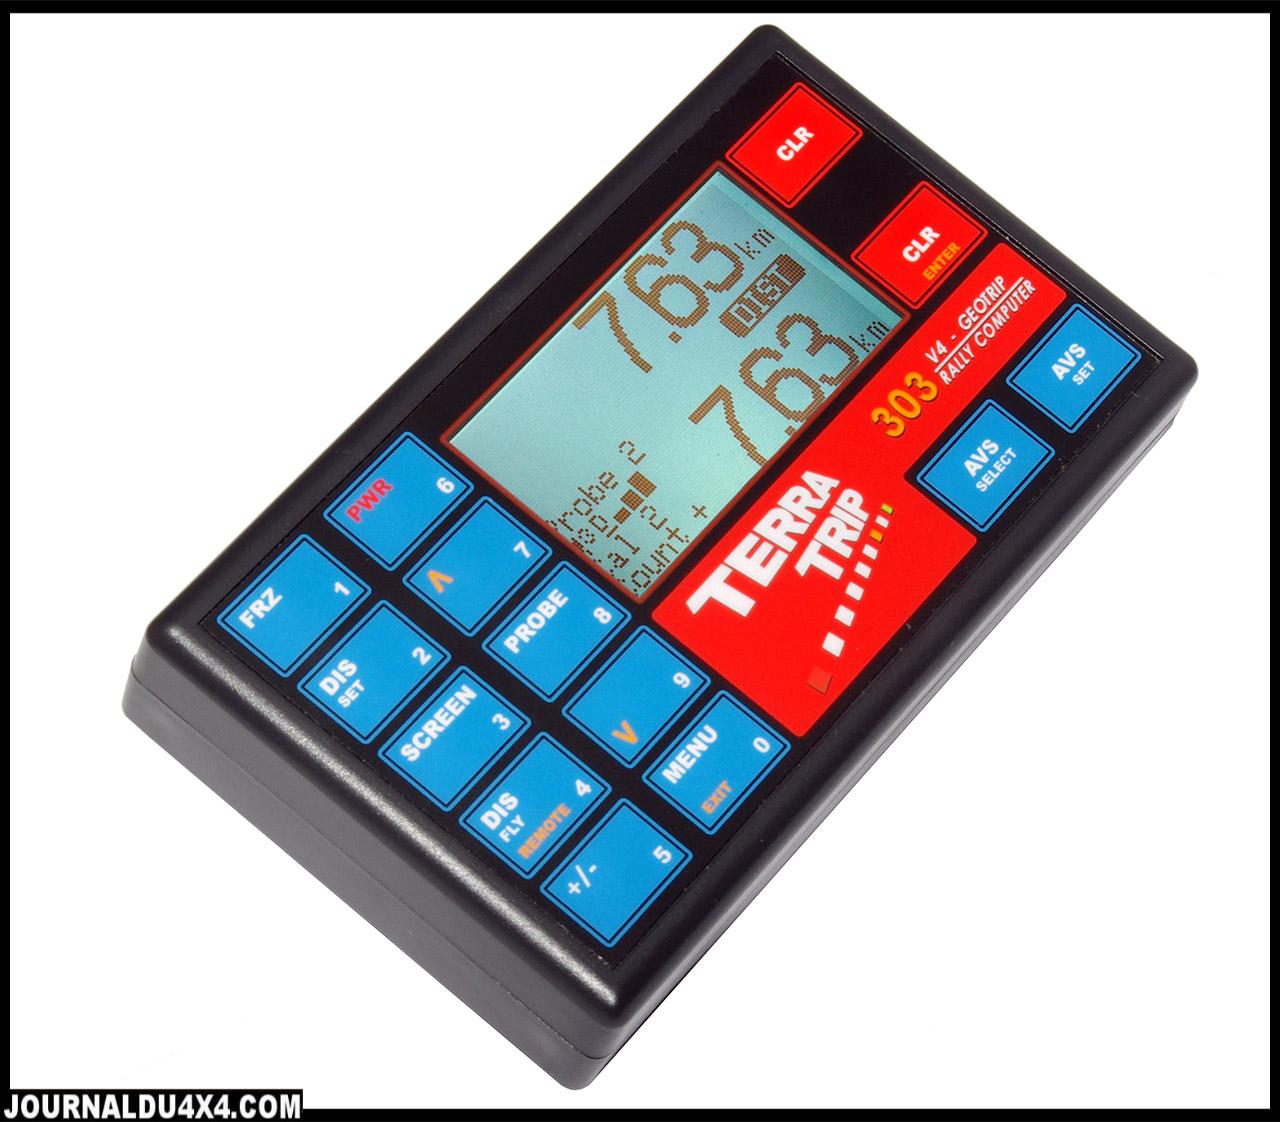 Terratrip 303 Geotrip + GPS